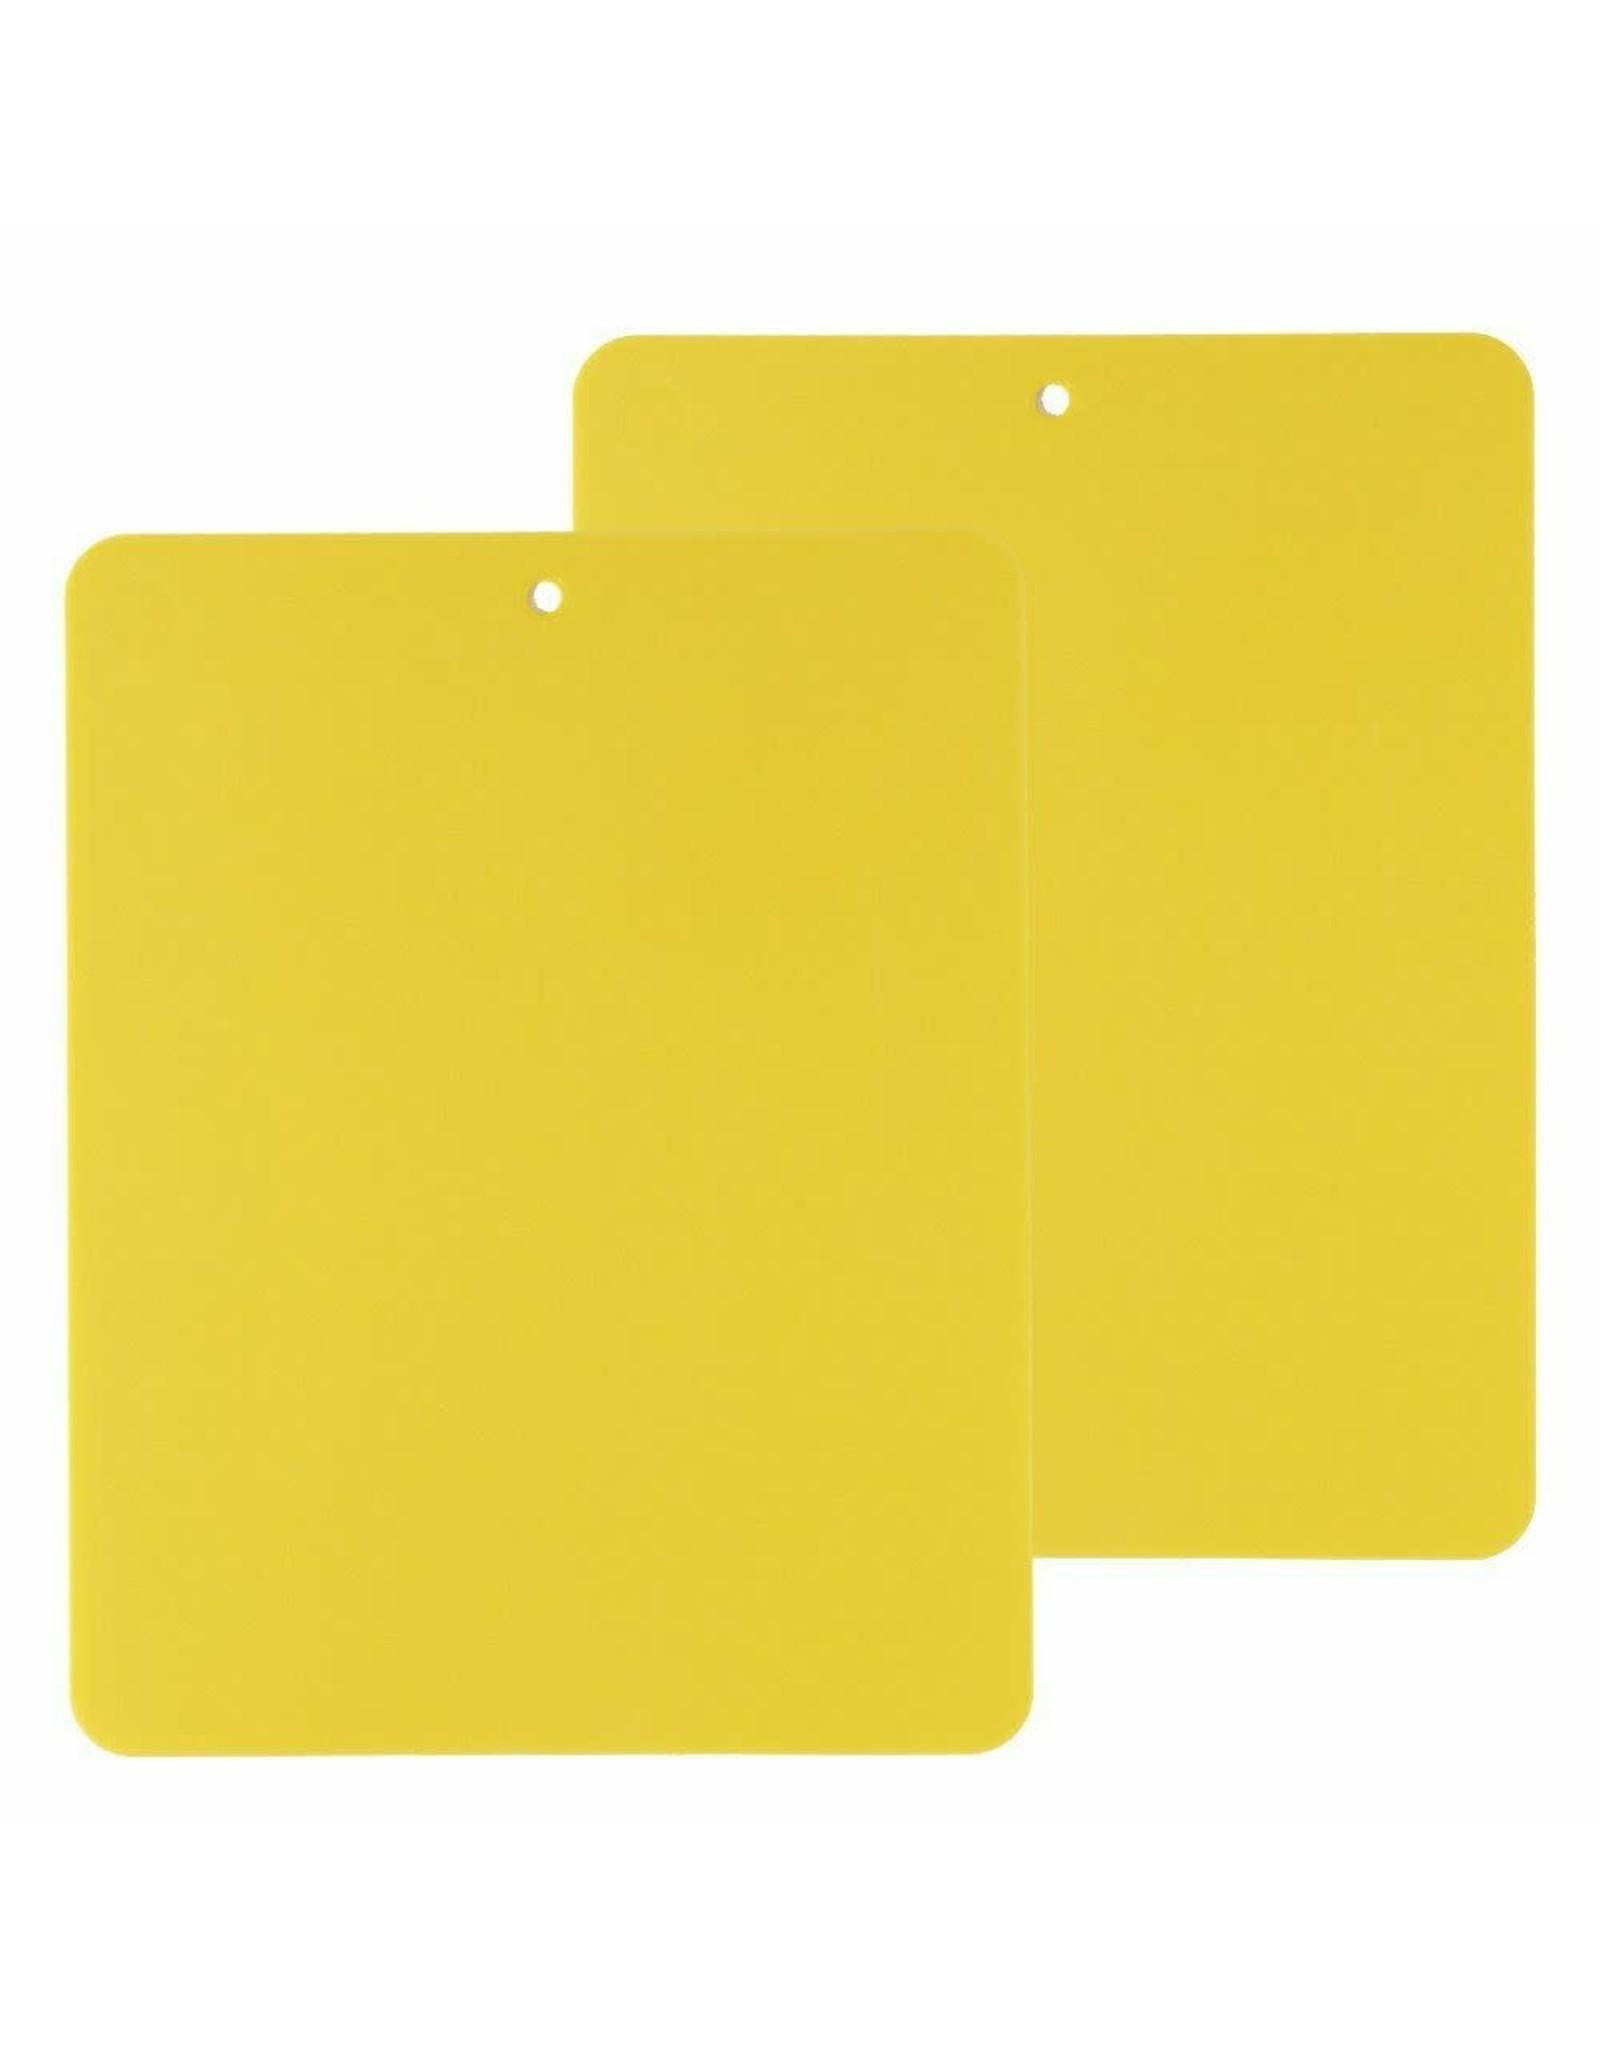 BENDY Flex Board PK/2 - Yellow